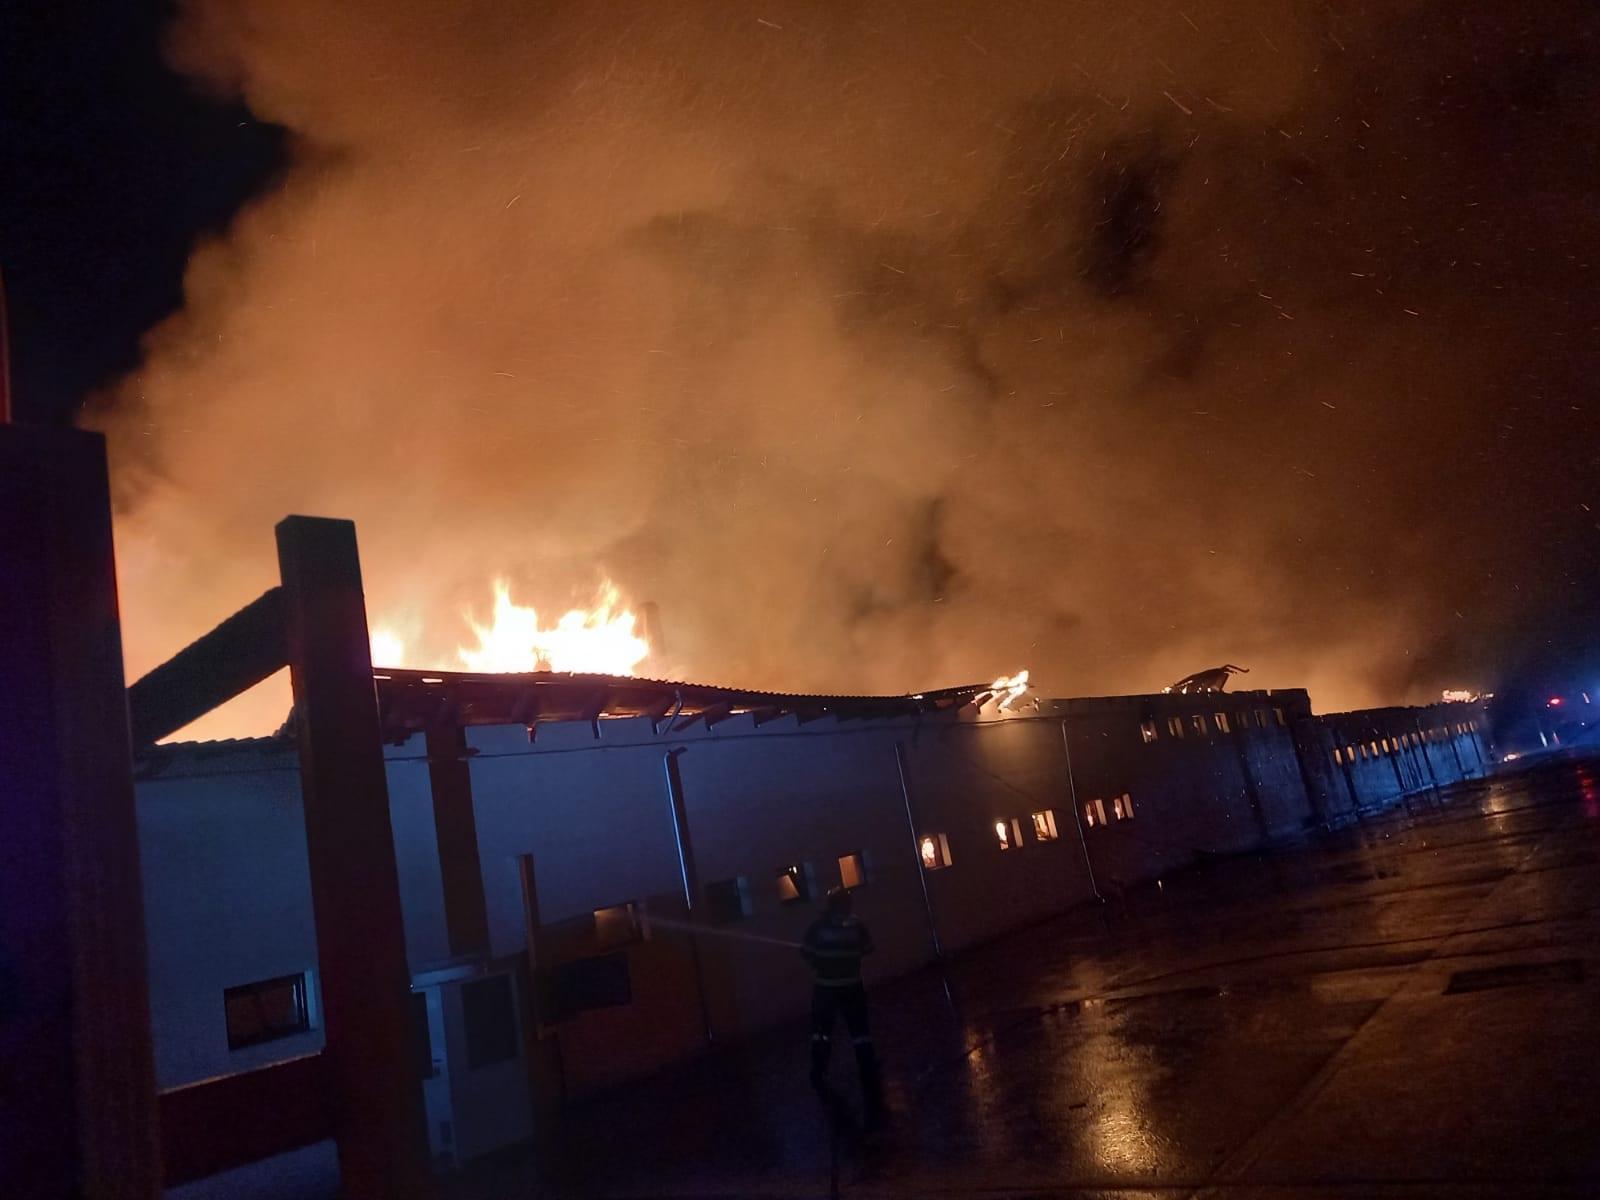 VIDEO. Incendiu puternic la o fabrică de pâine din județul Constanța. Flăcările se întind pe o suprafață de 1.400 de metri pătrați